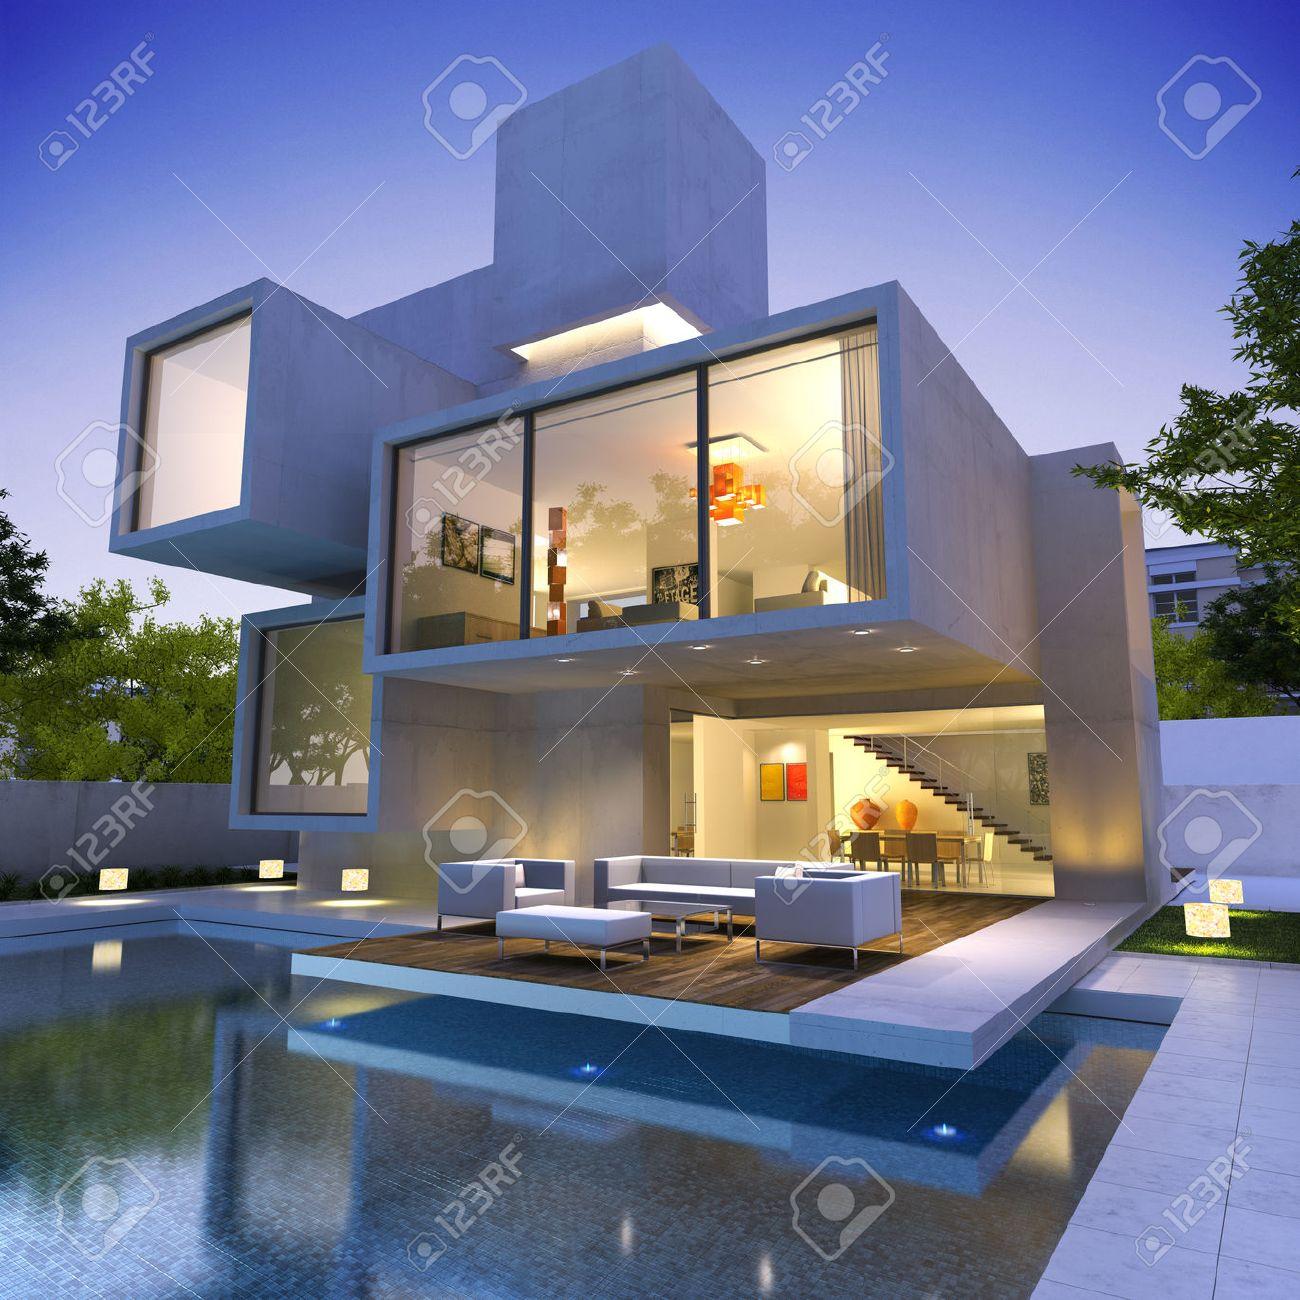 Veduta esterna di una casa contemporanea con piscina al tramonto ...